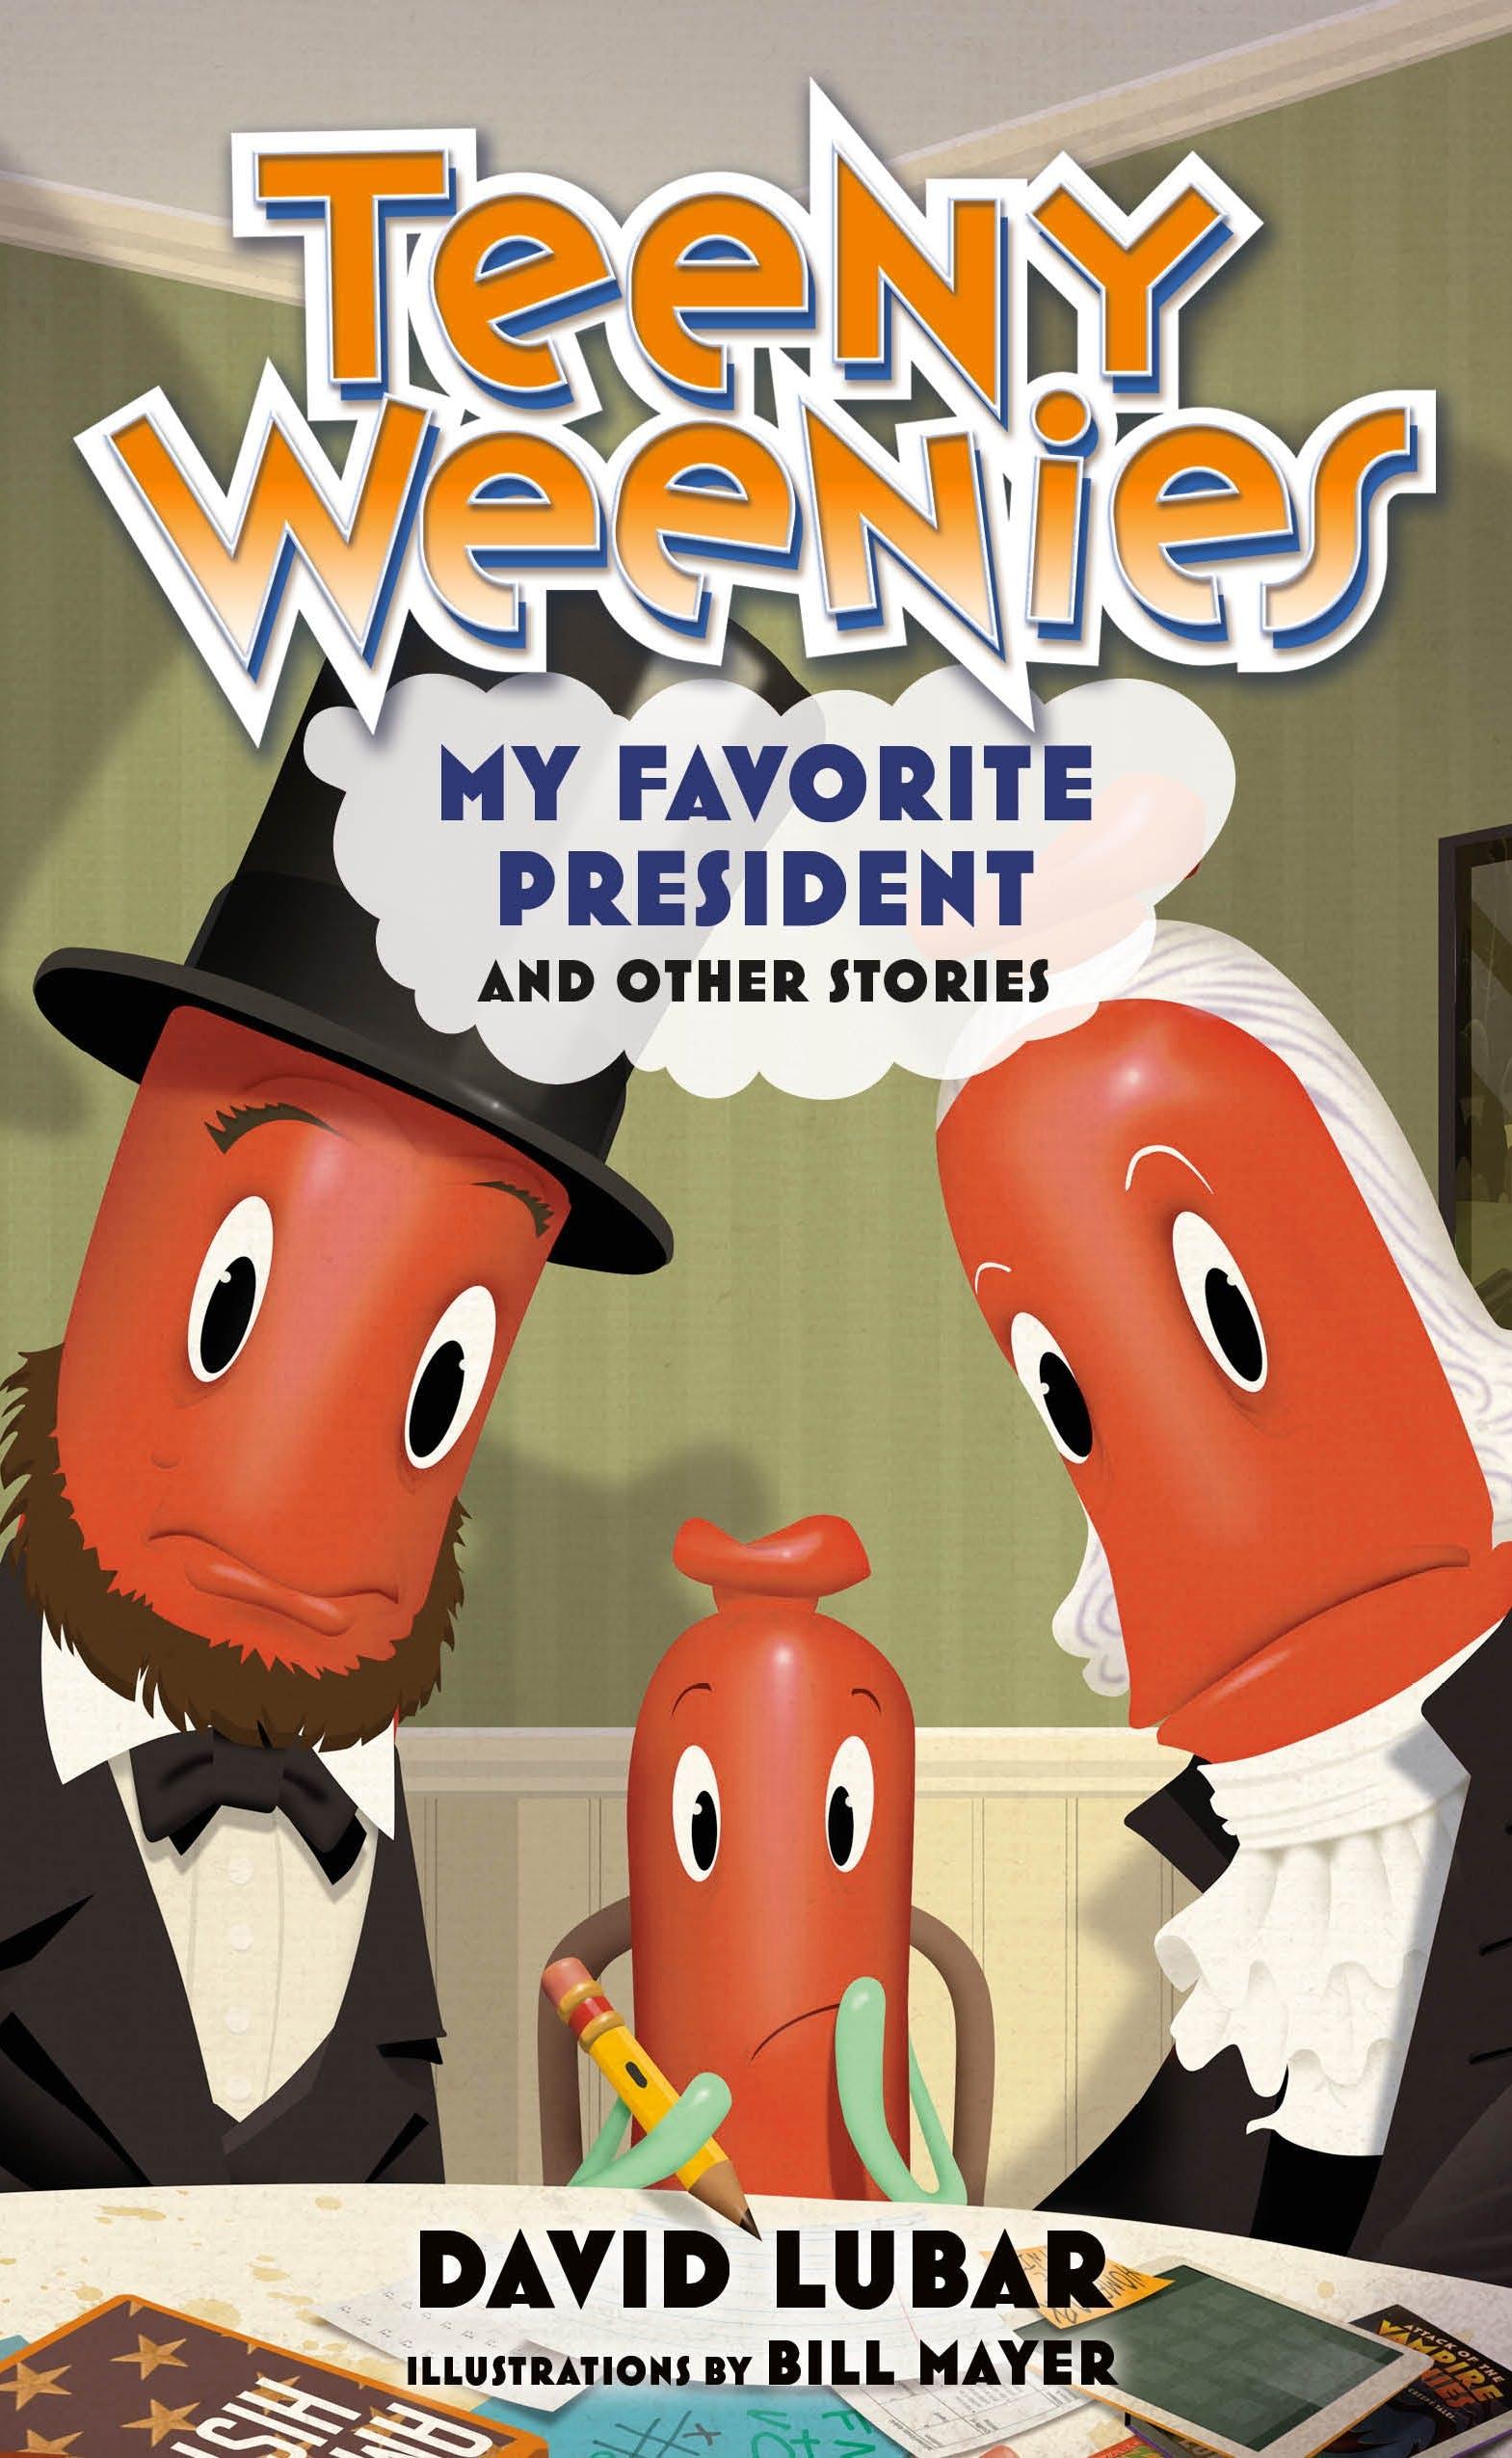 Image of Teeny Weenies: My Favorite President